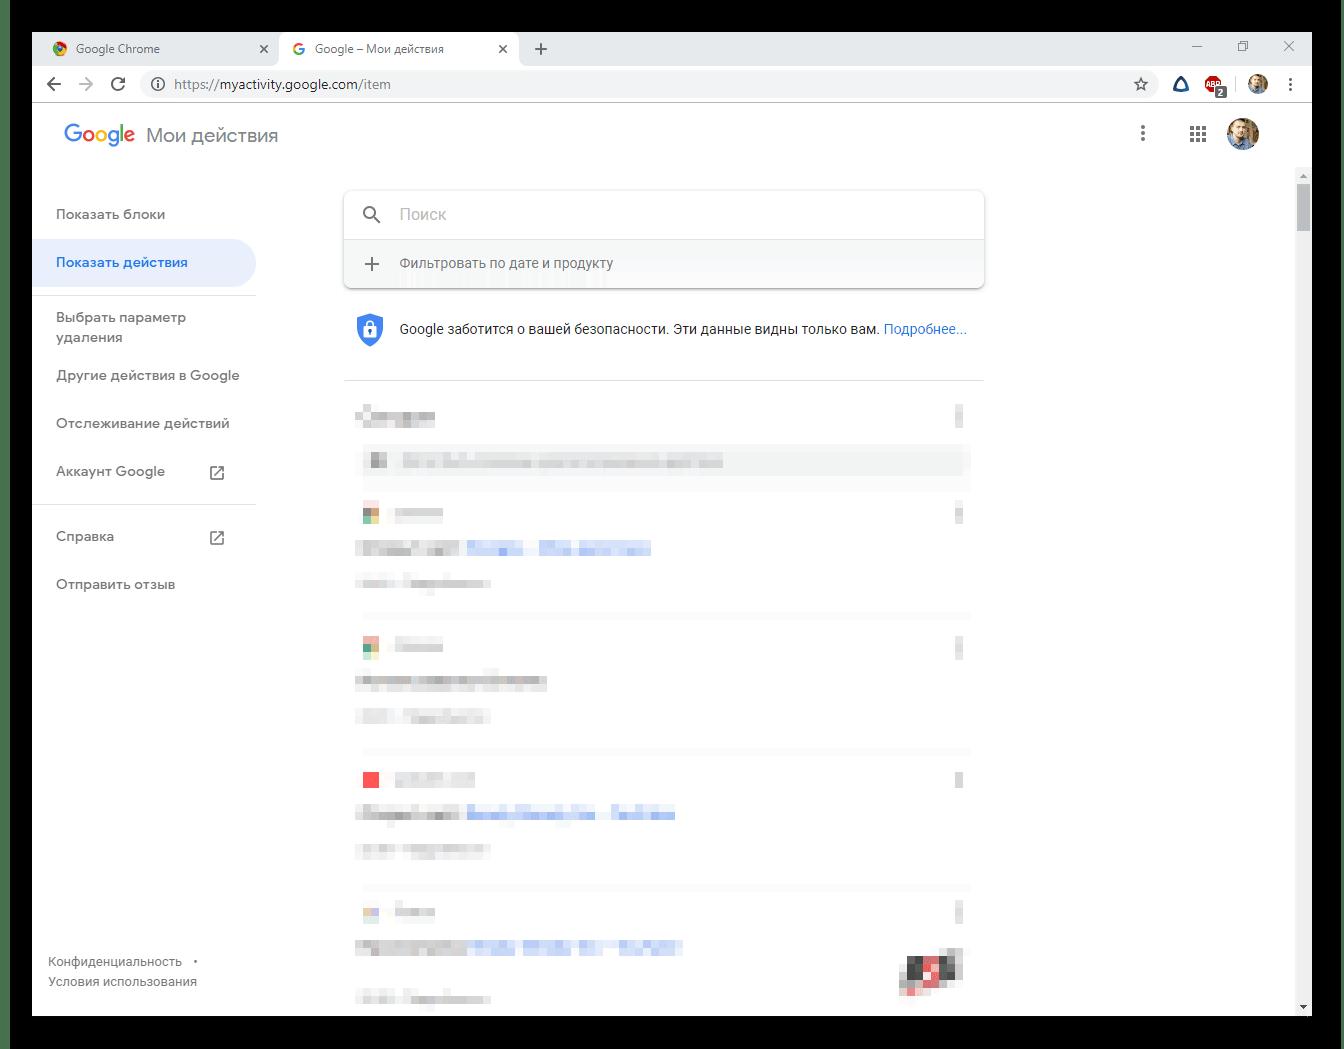 Страница Мои действия на сайте Google